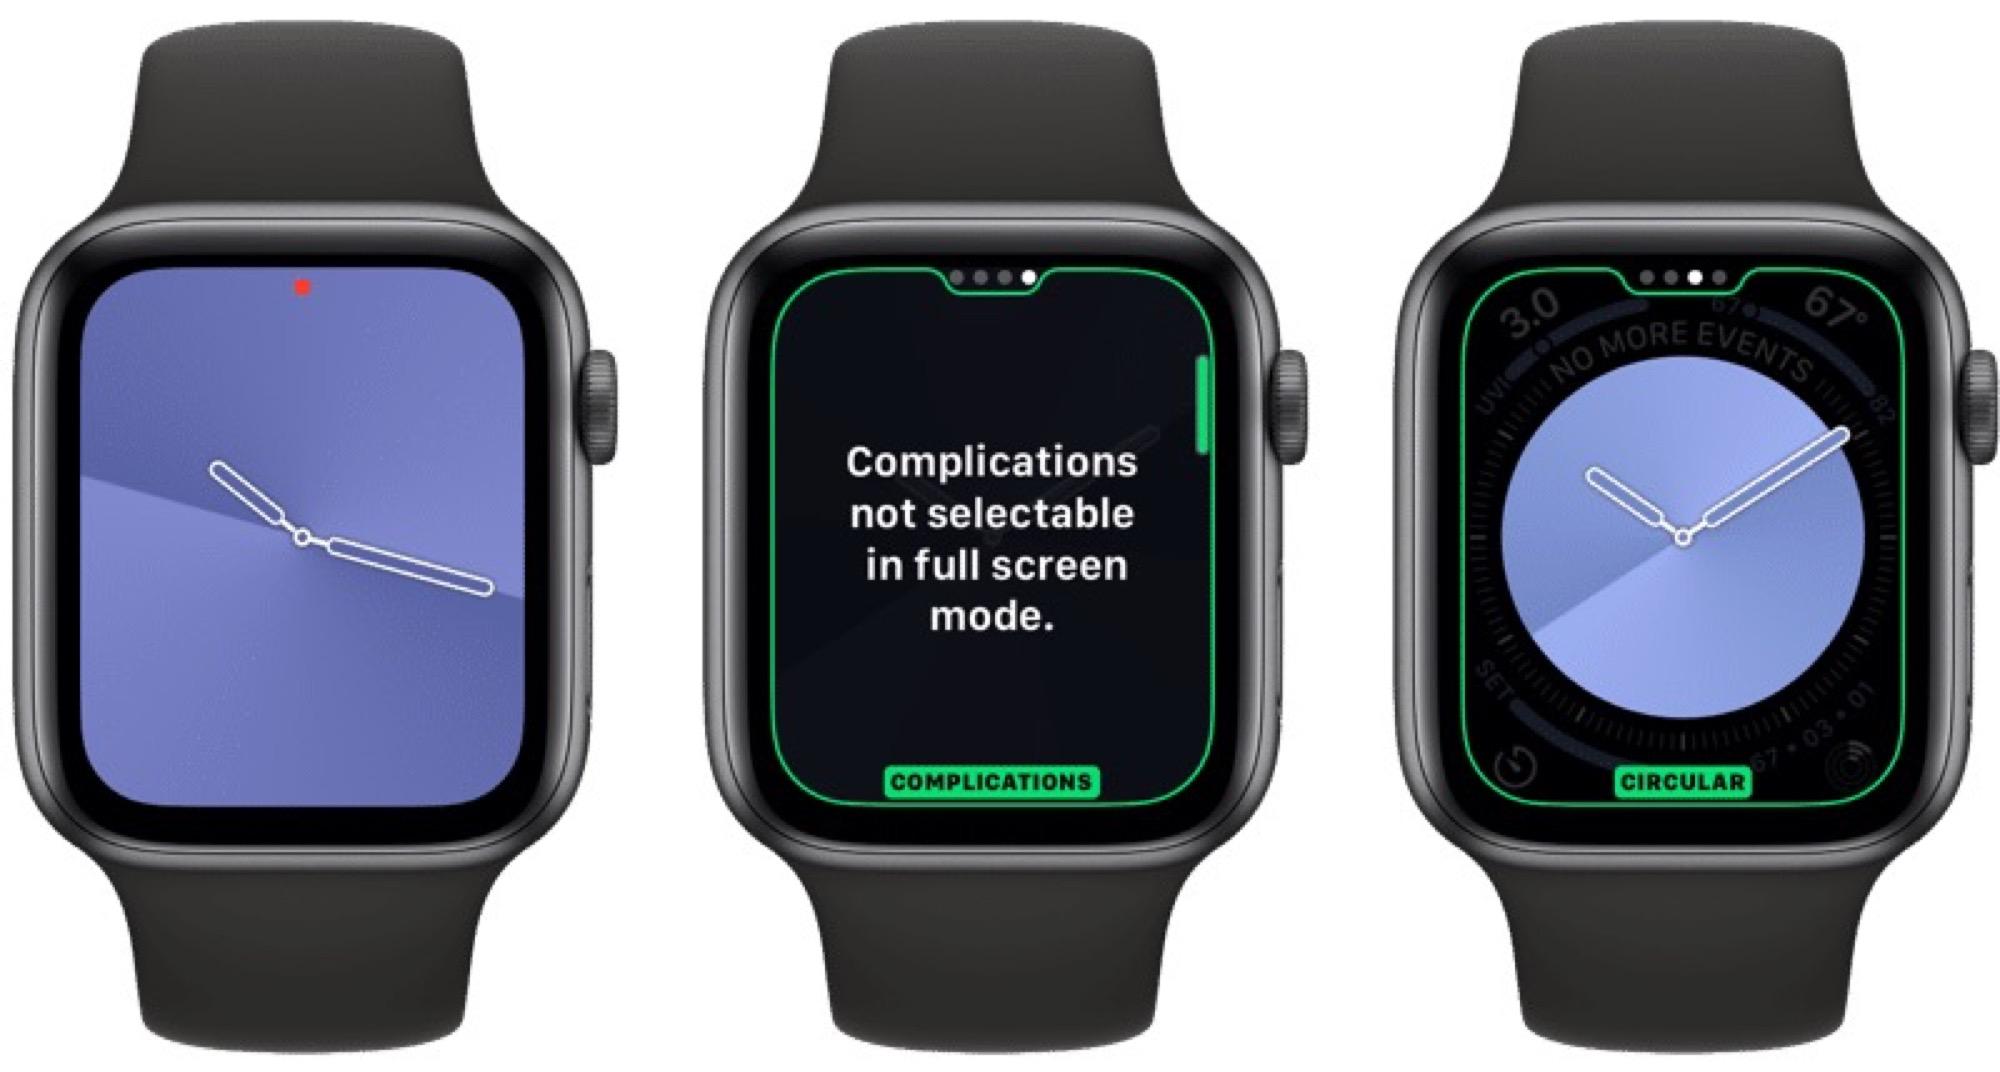 Des cadrans exclusifs aux Apple Watch récentes dans watchOS 6 9